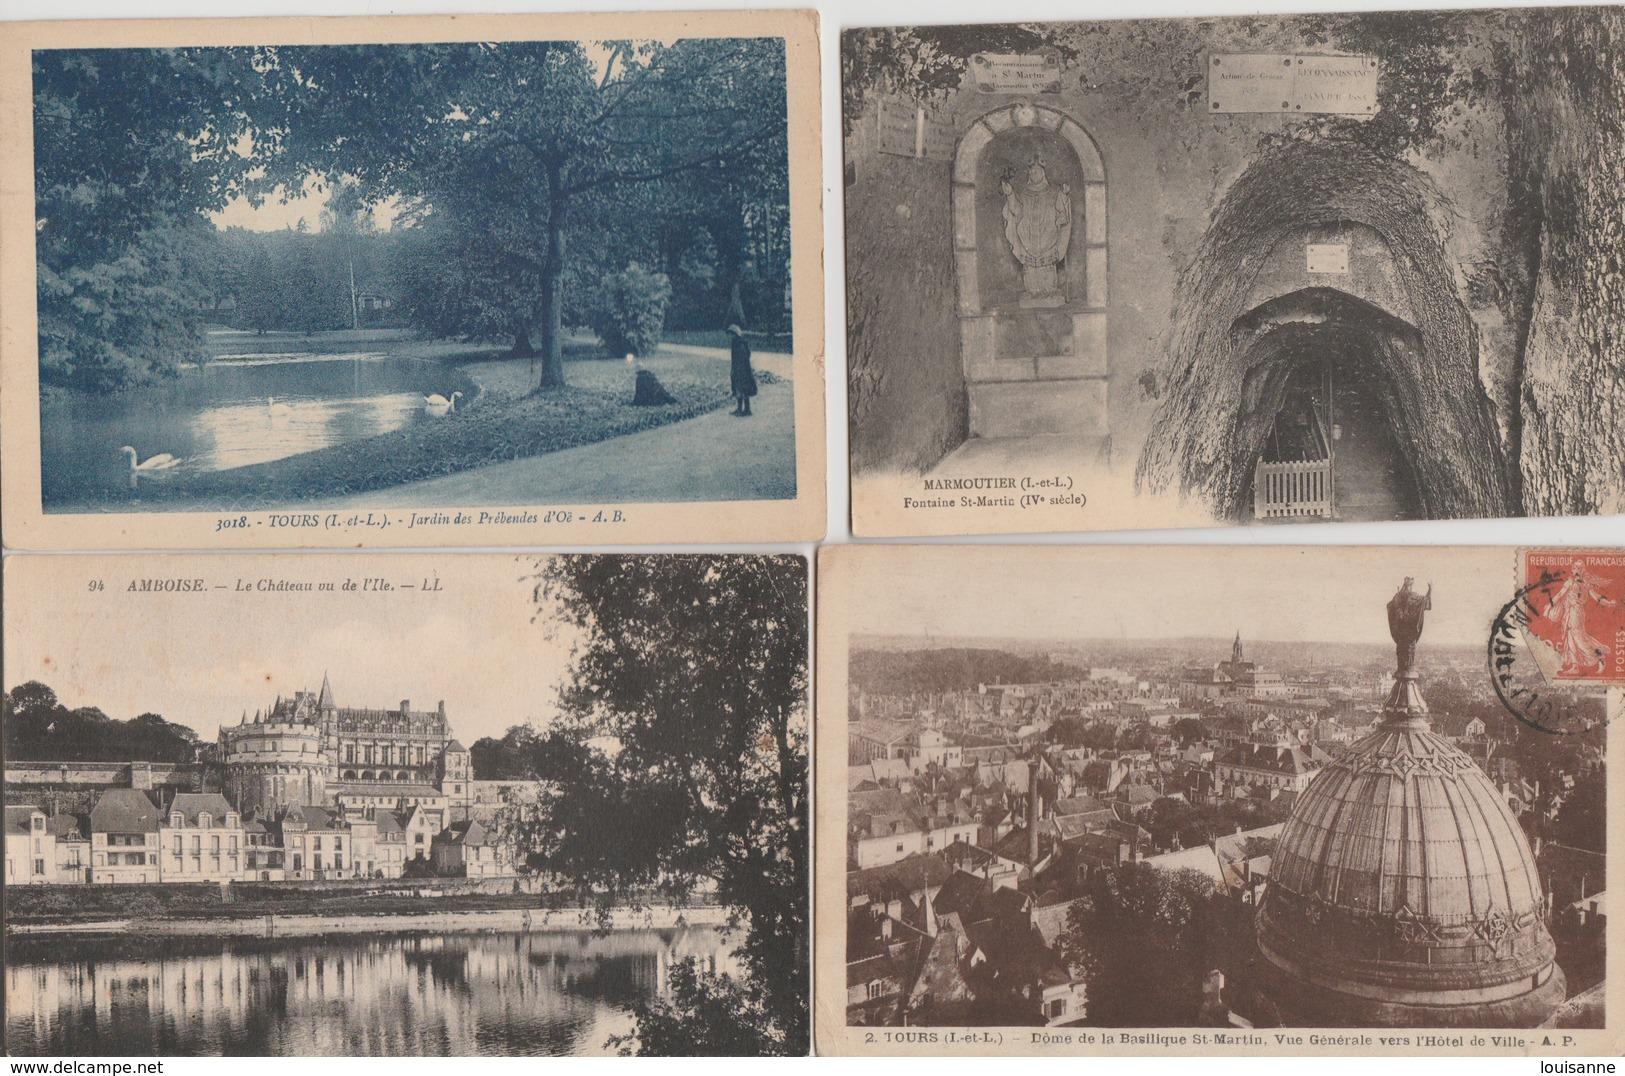 19 / 2 /106 -  500  CPA /CPSM  DU. DEPT   37  À. 26€ 50  +  PORT ( 8 €, 80  POUR  LA  FRANCE ) - Cartes Postales